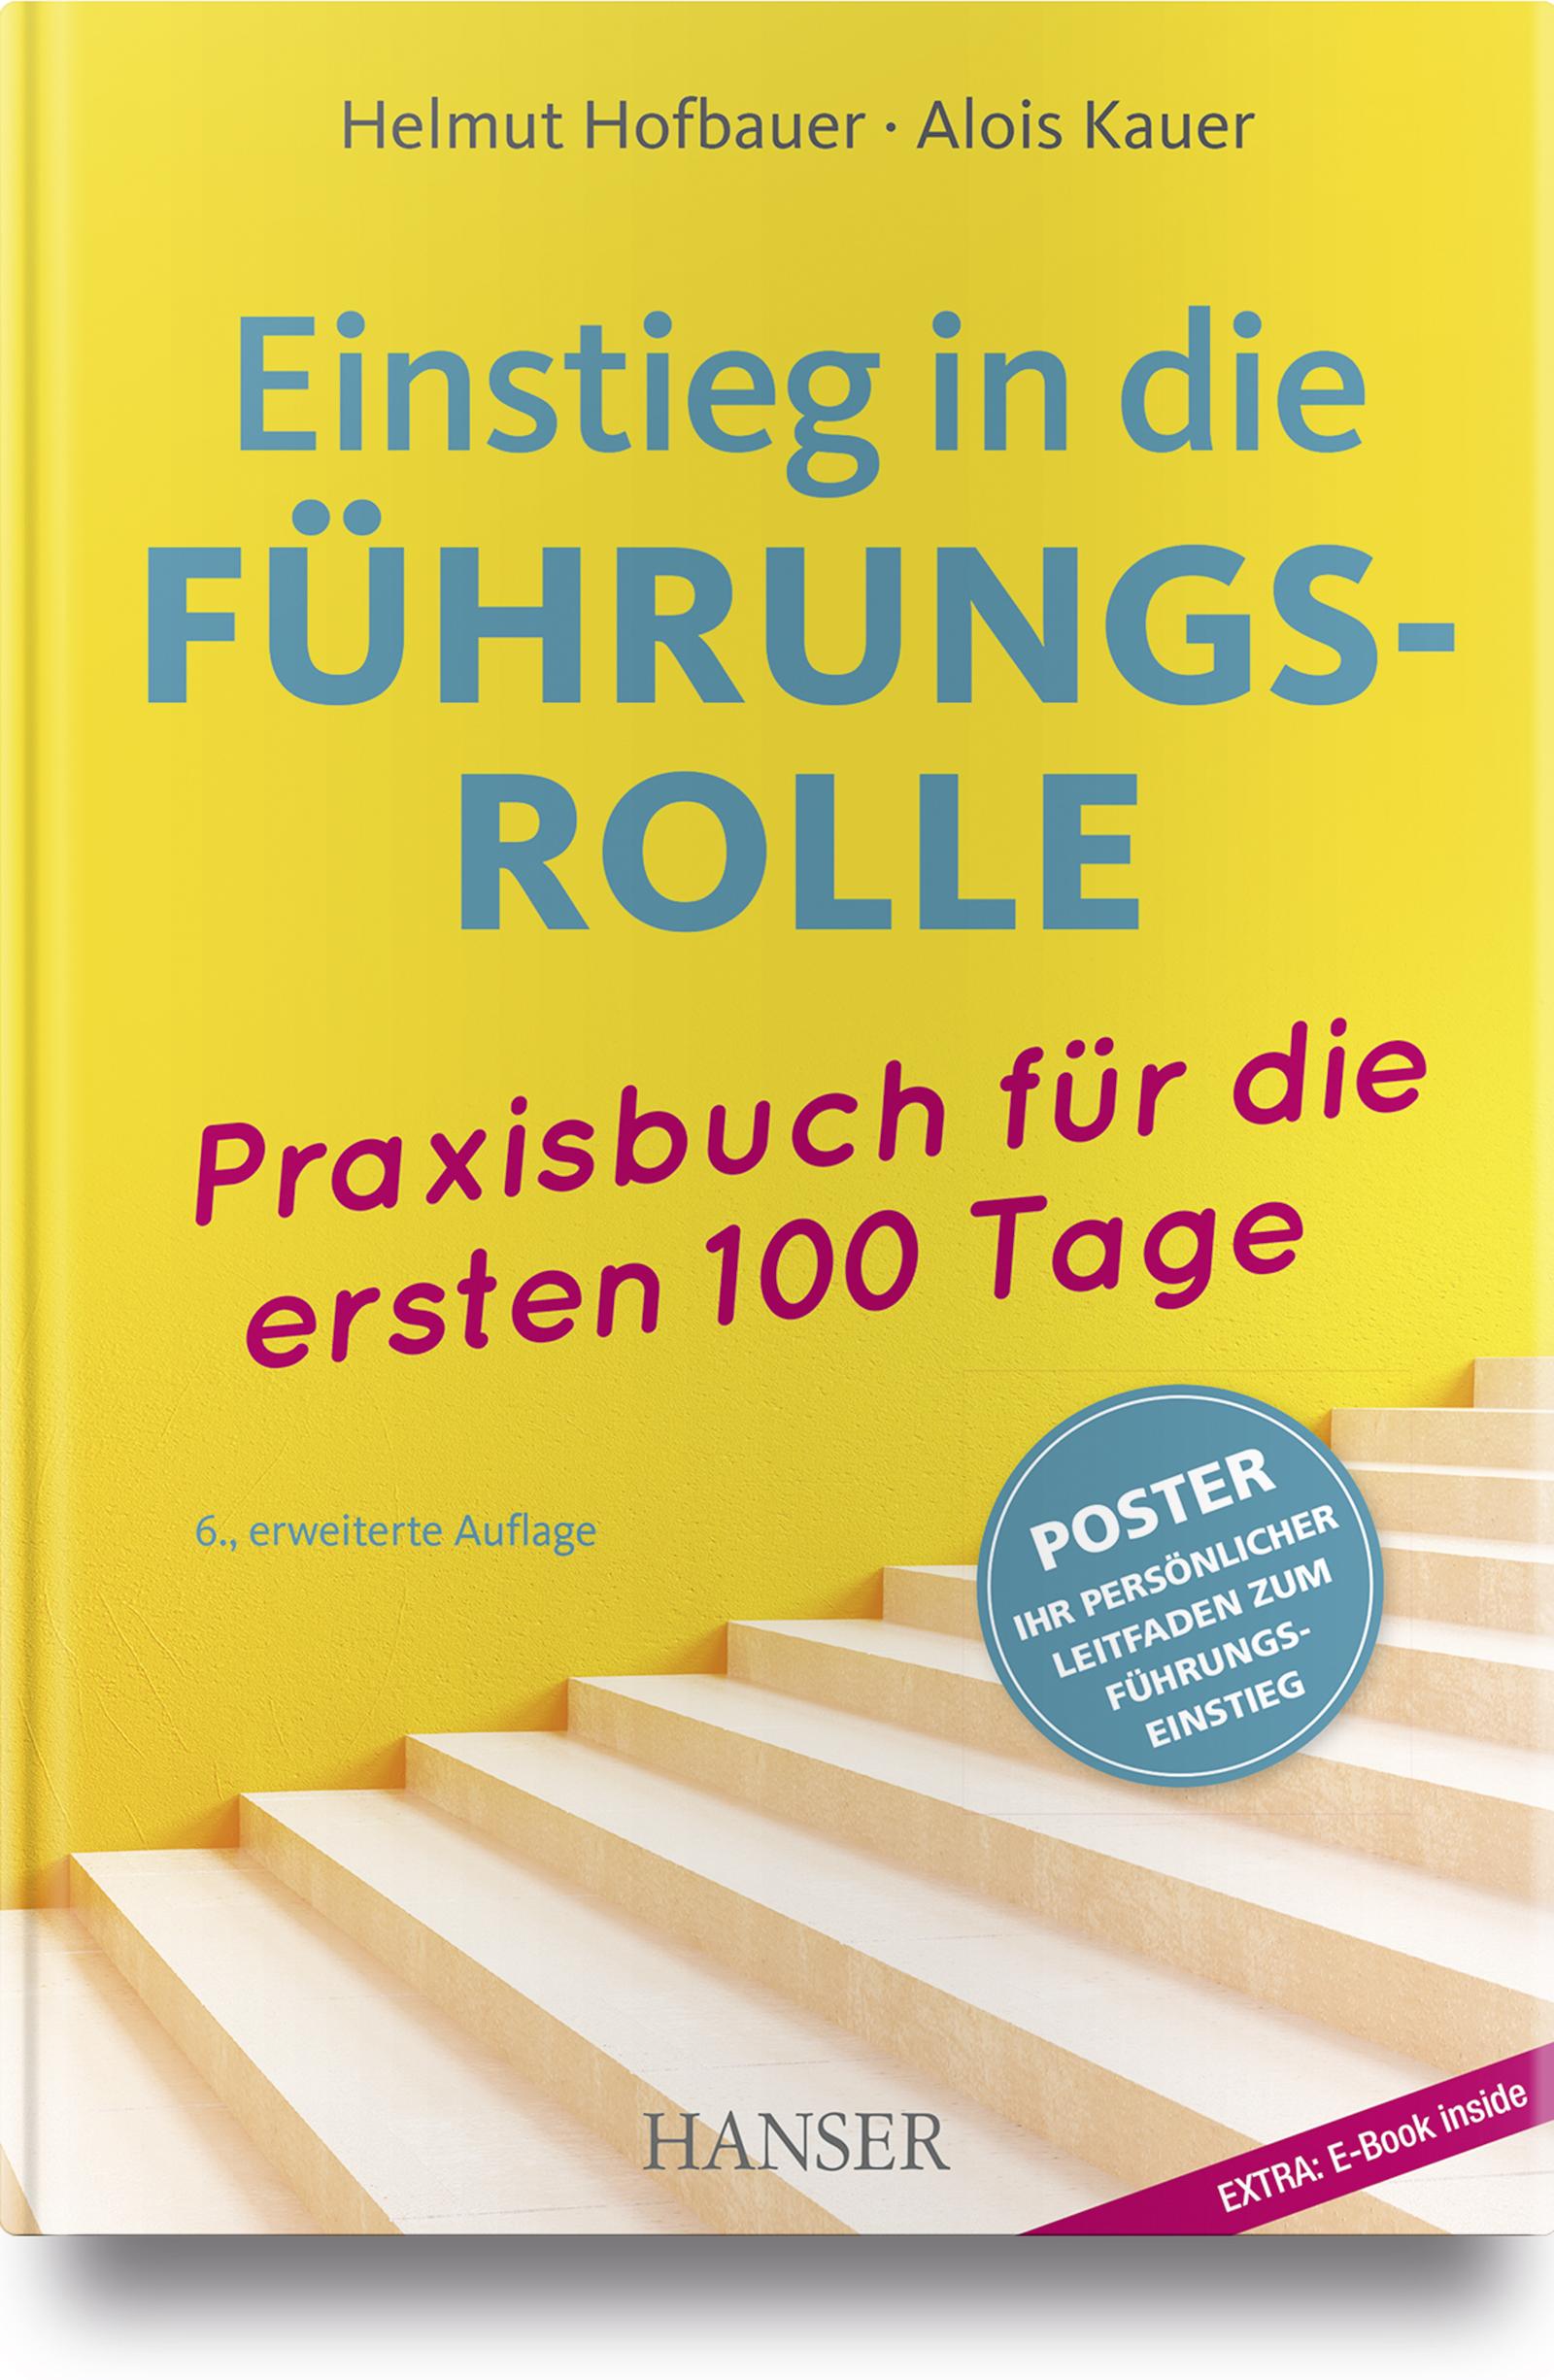 Hofbauer, Kauer, Einstieg in die Führungsrolle, 978-3-446-44896-4